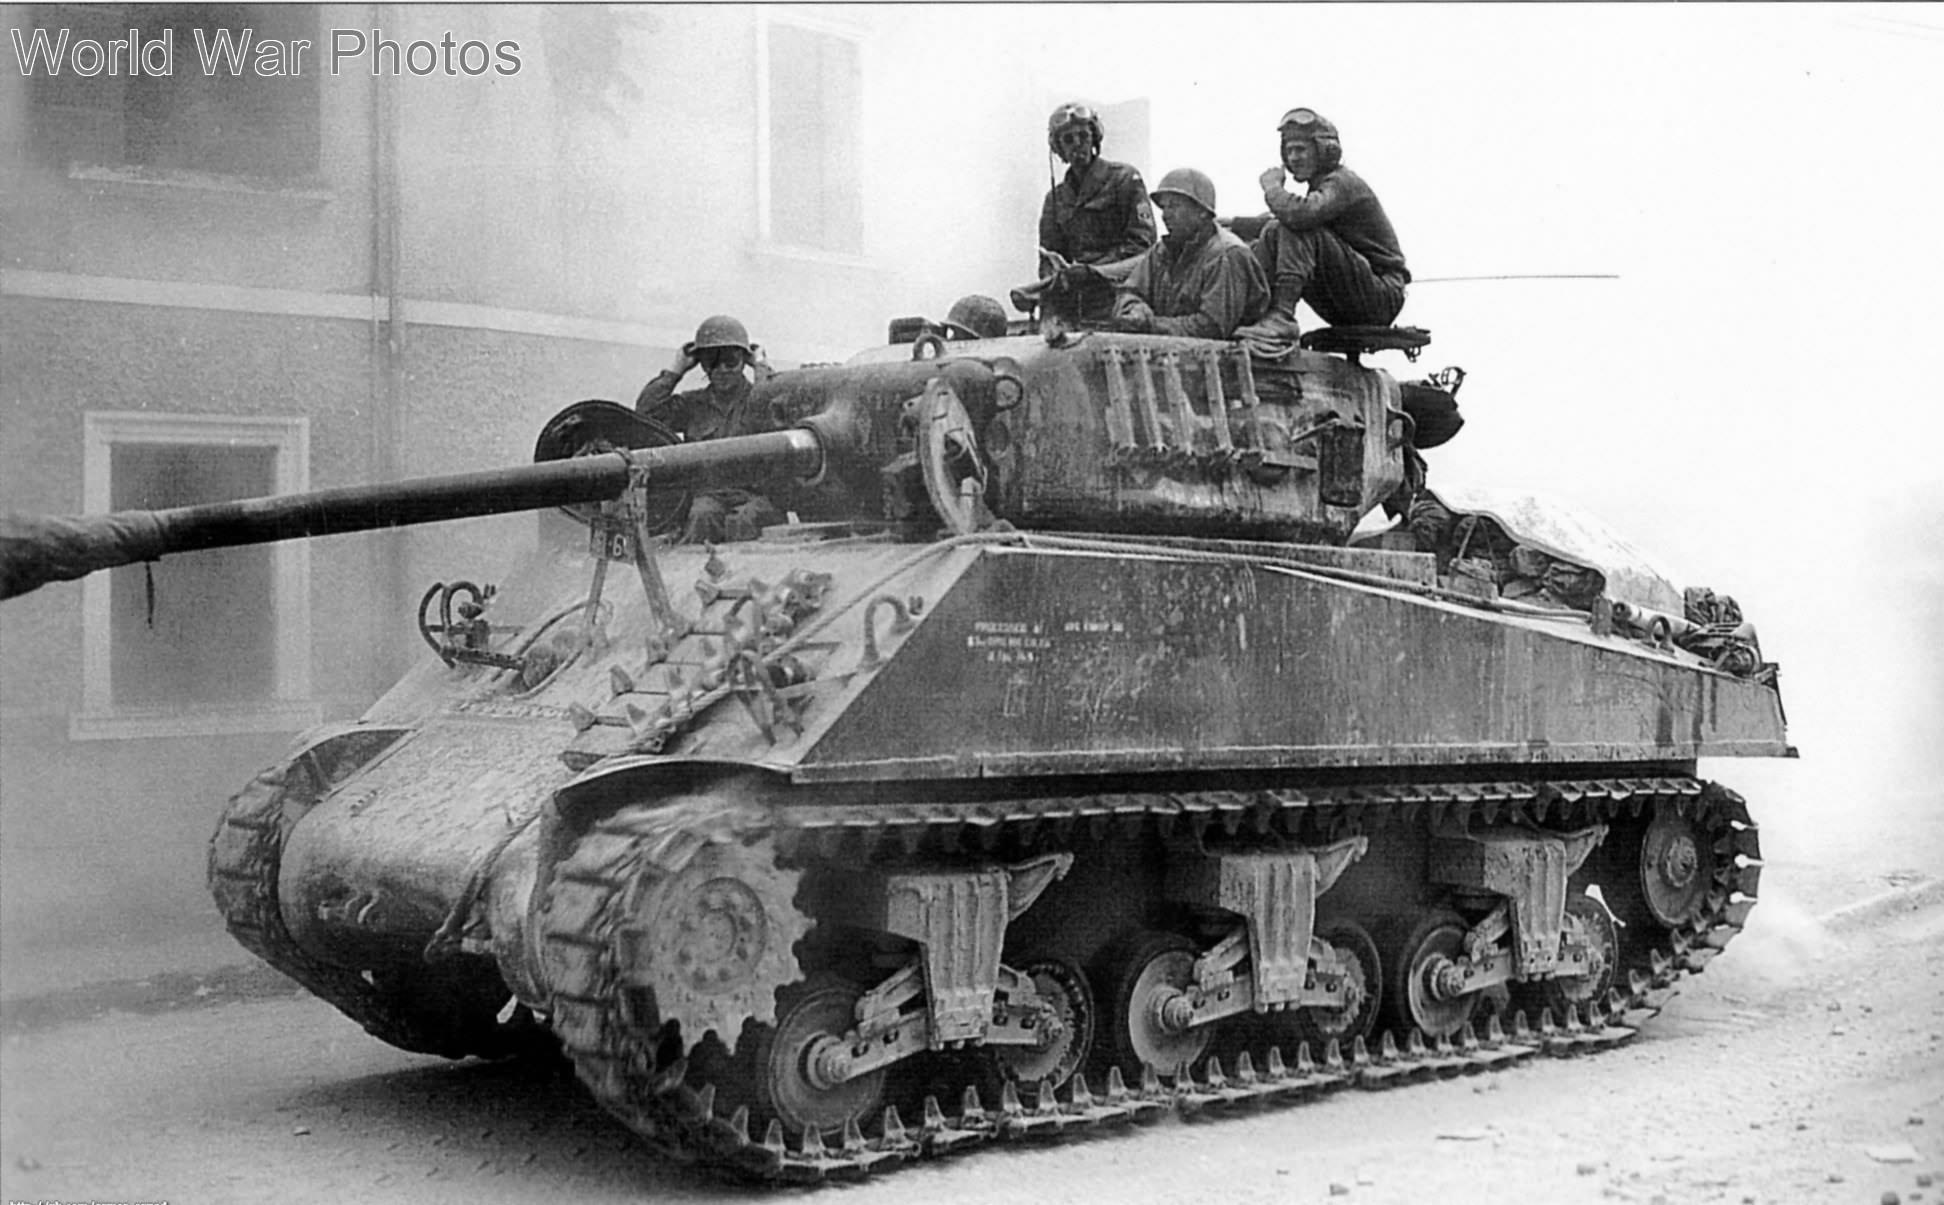 M4A3(76)W Sherman tank